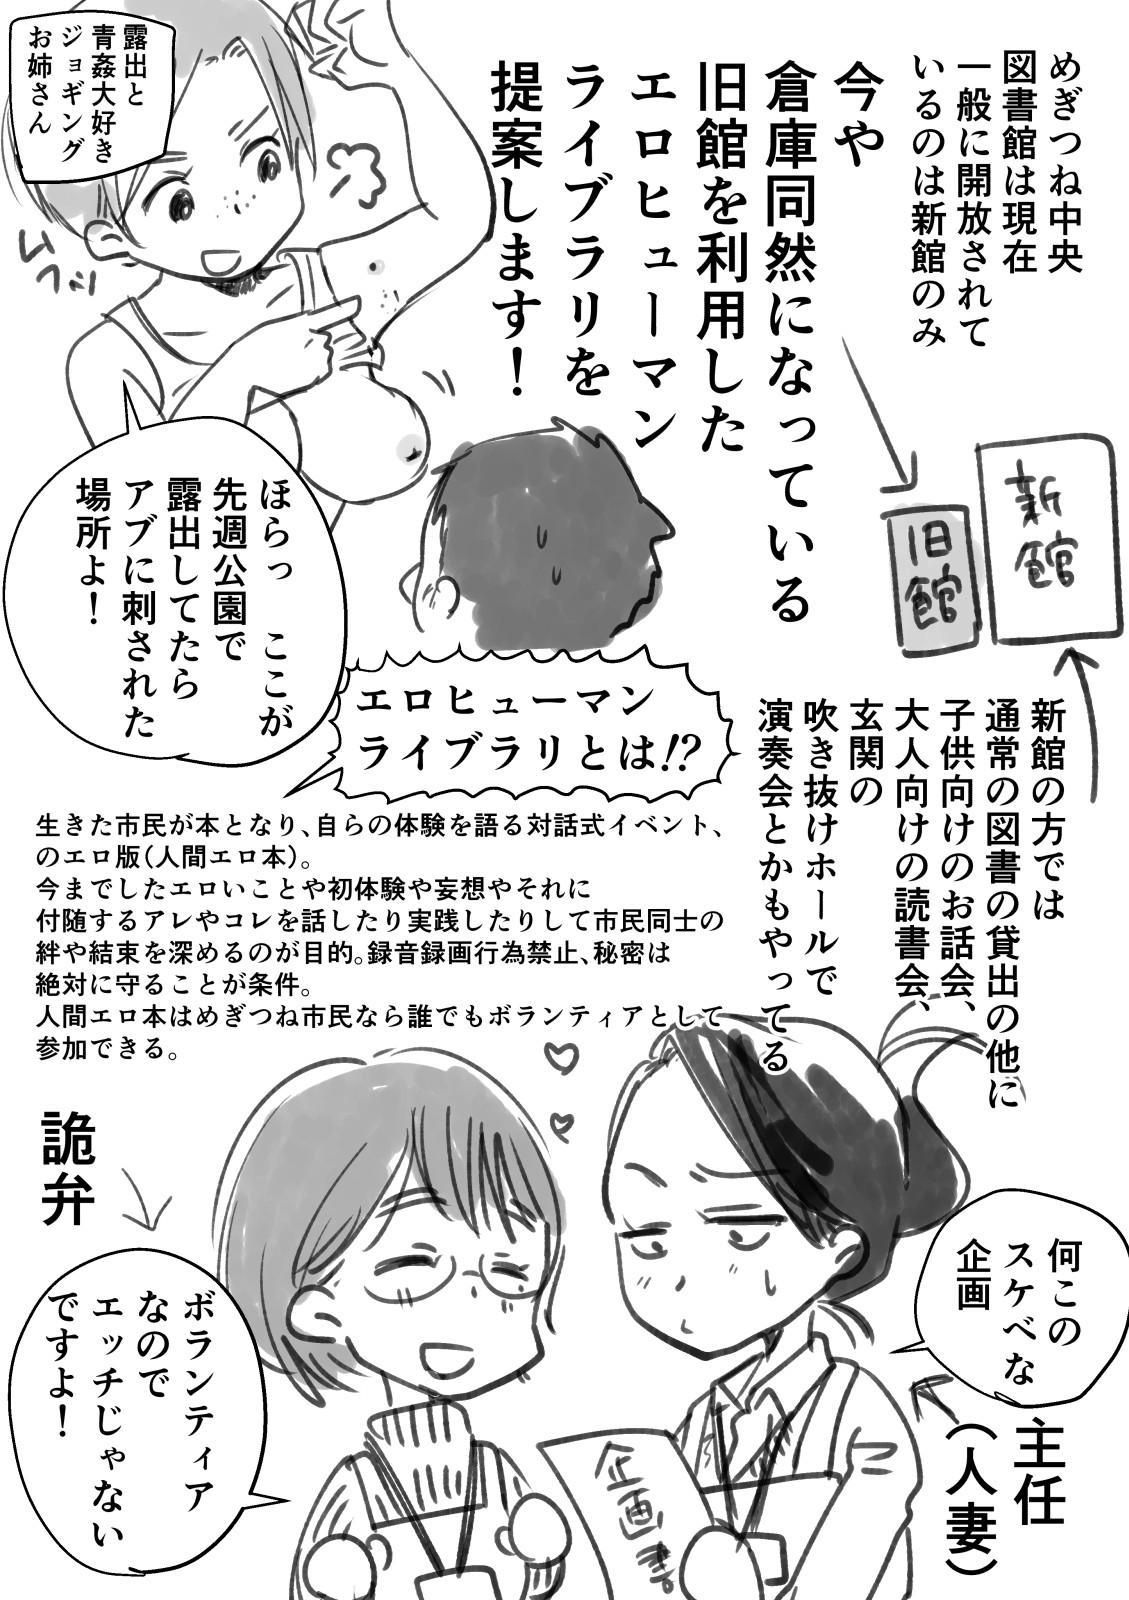 [Megitsune Works] Wakazuma-san wa Yokkyuu Fuman! Akogare no Shisho no Wakazuma-san ga Gakusei Beit no Boku no Fudeoroshi o Shite kuremashita. 77